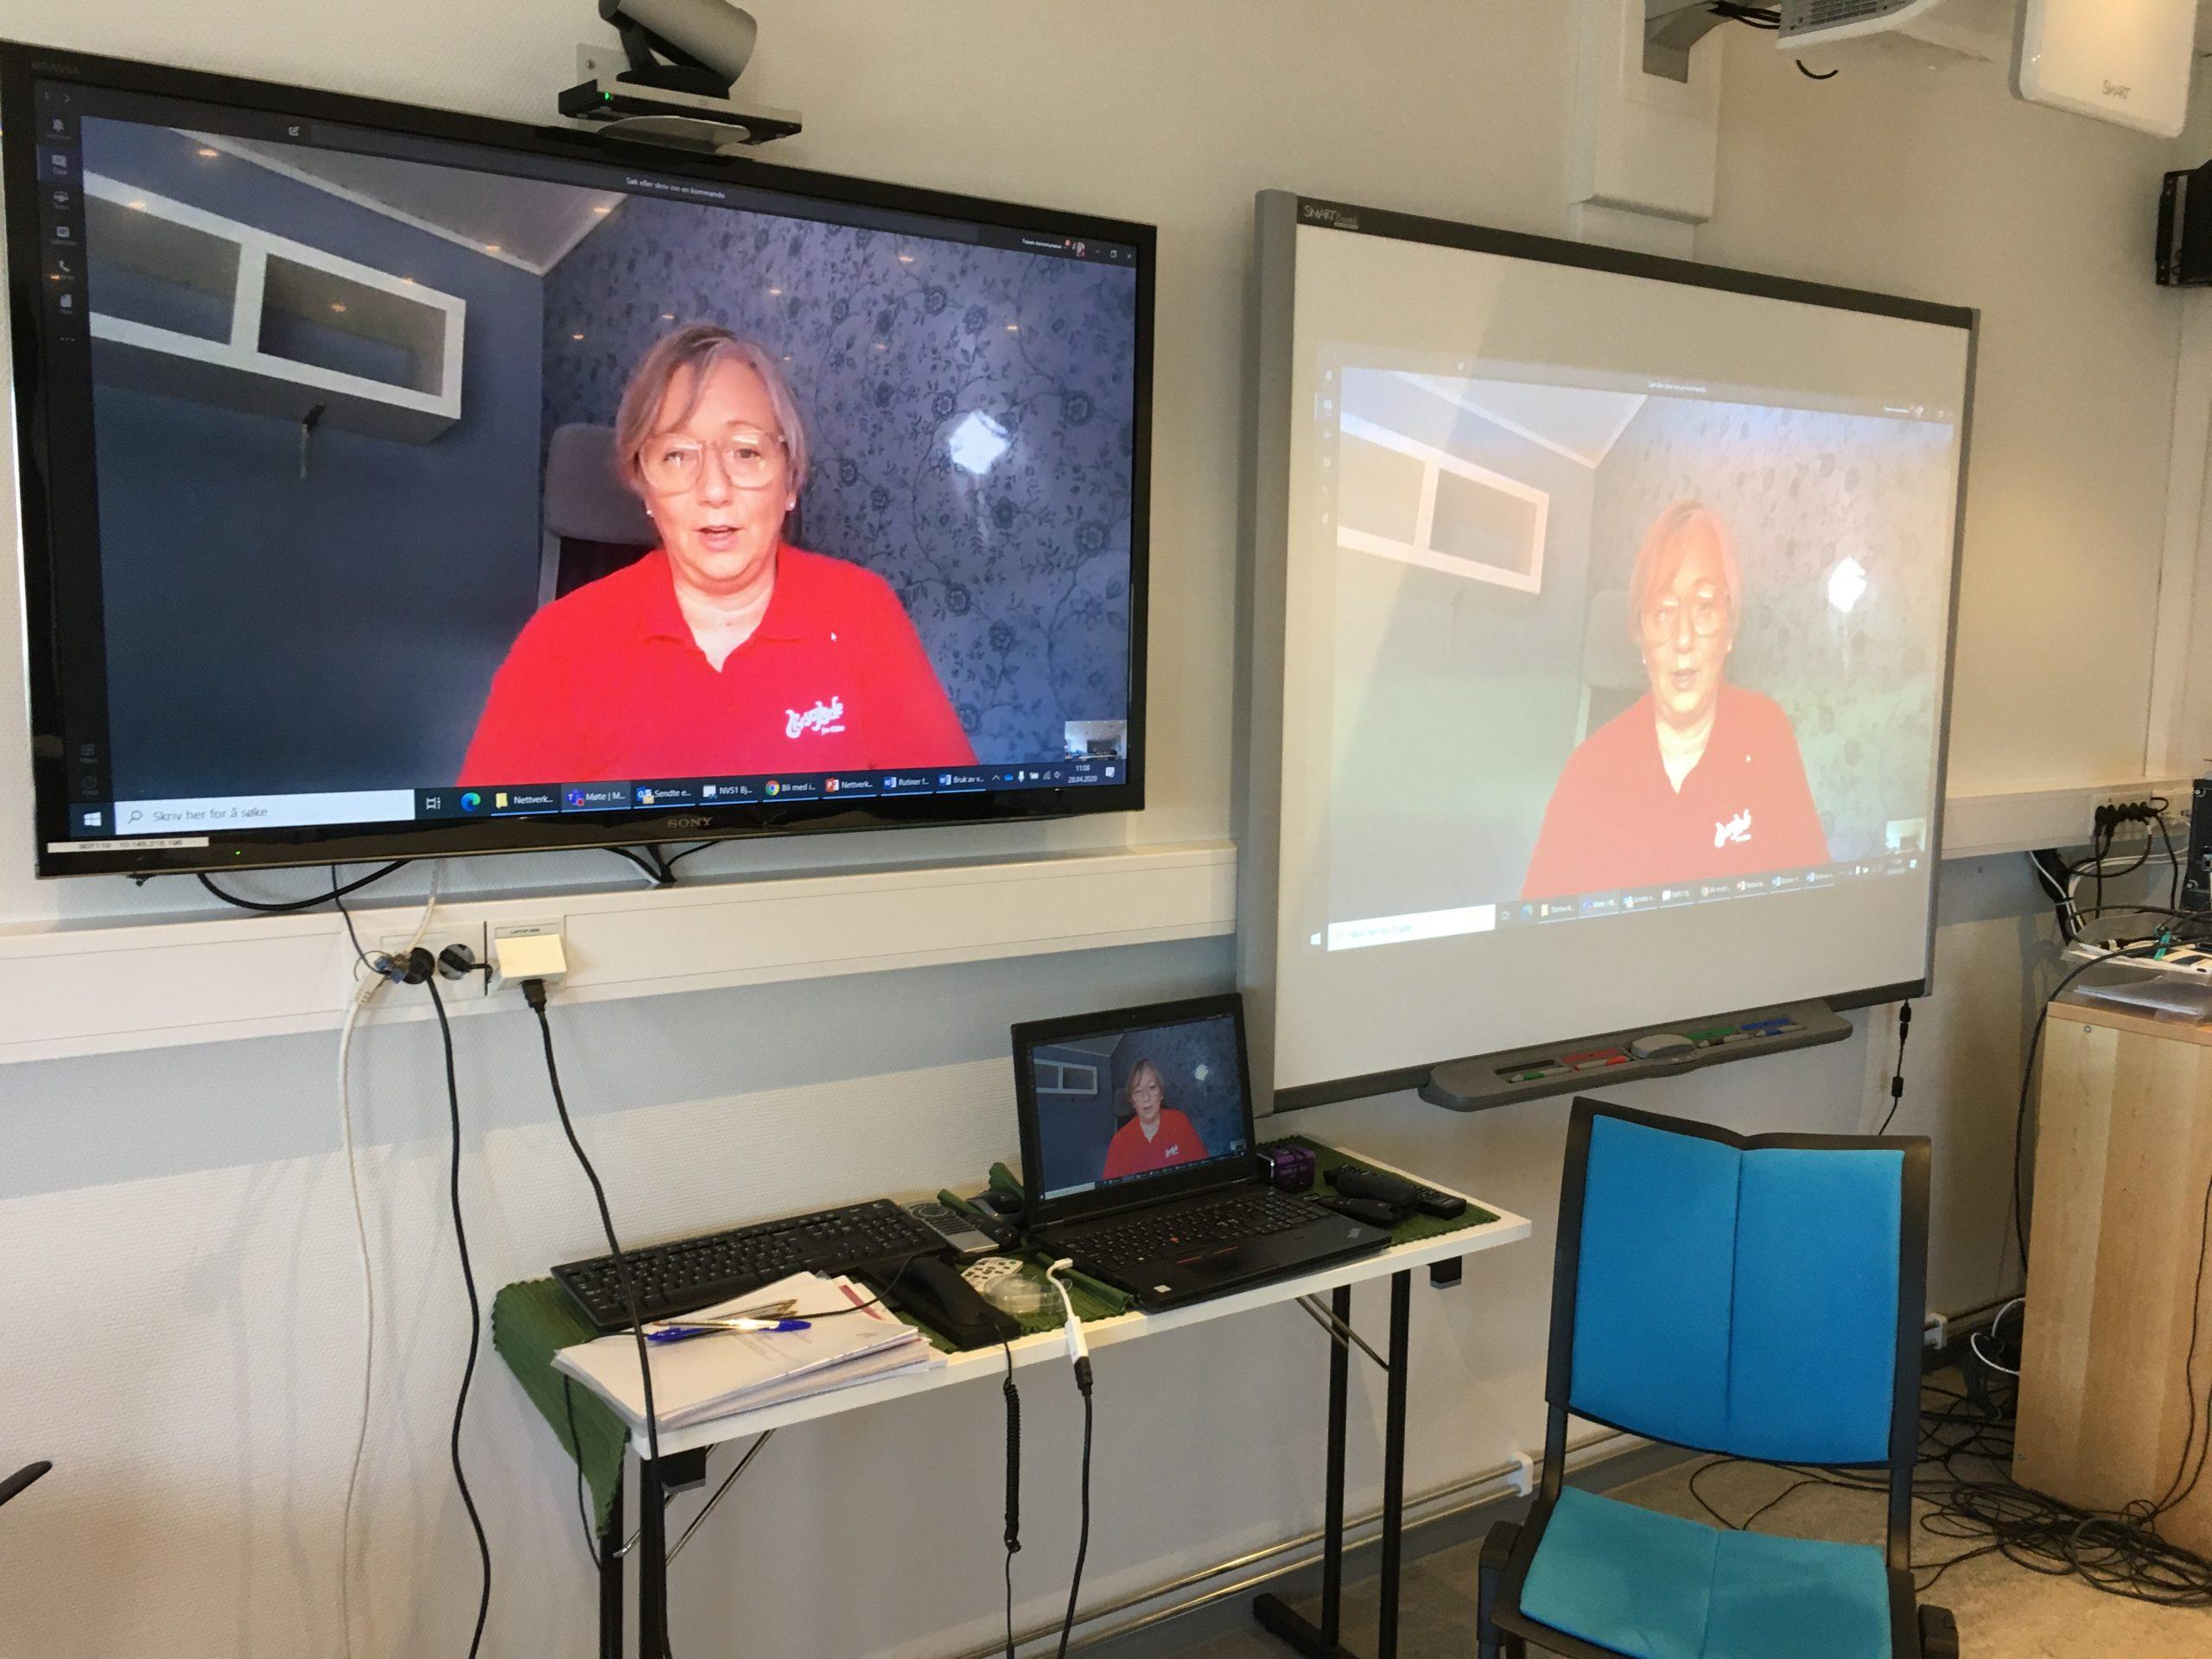 Sertifisør og veileder Annbjørg Lyngås på flere skjermer under digital nettverkssamling på Bjugn helsesenter